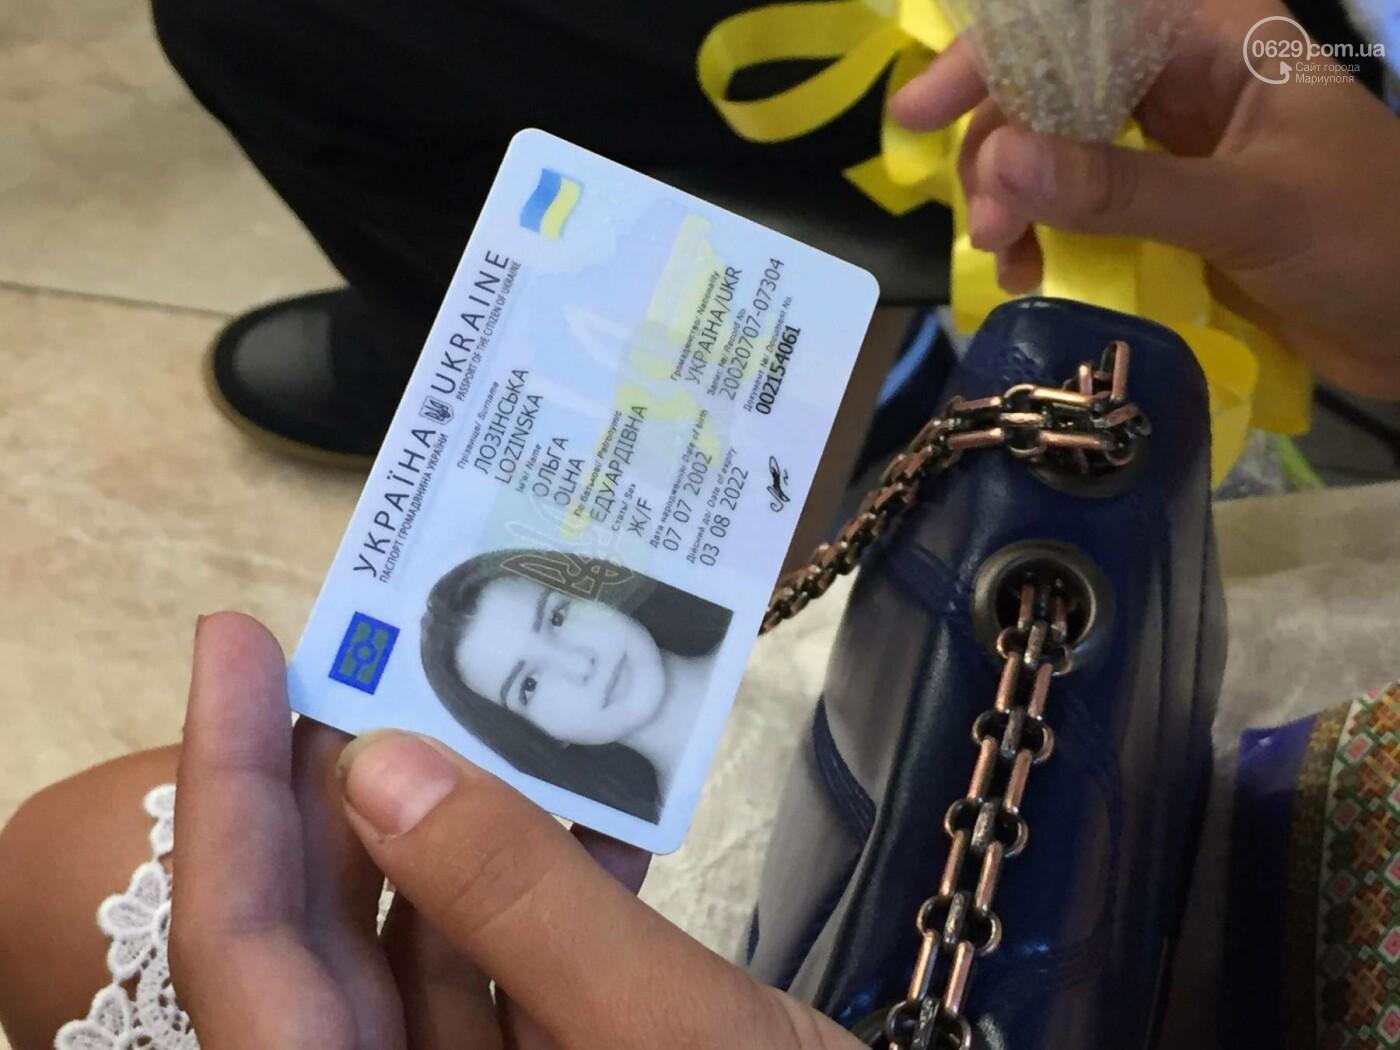 Детям-сиротам в Мариуполе вручили сертификаты на собственные квартиры,- ФОТО, ВИДЕО, фото-4